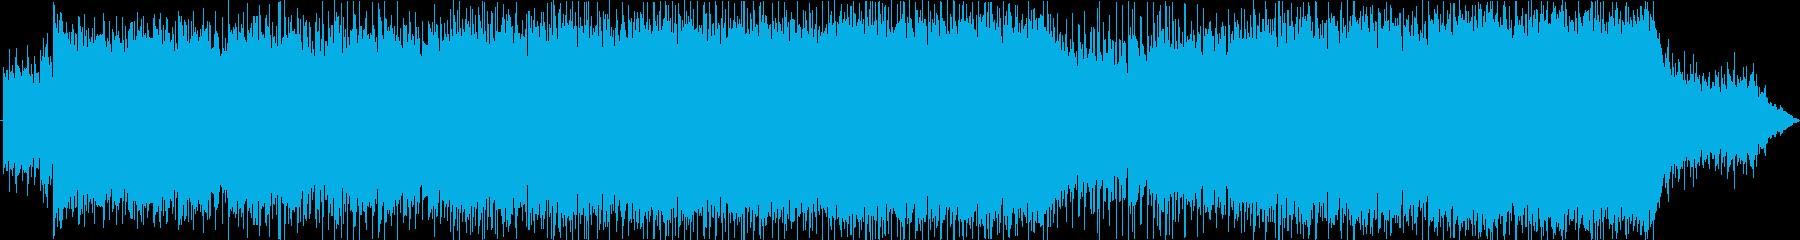 インディーズ ロック ポップ トロ...の再生済みの波形